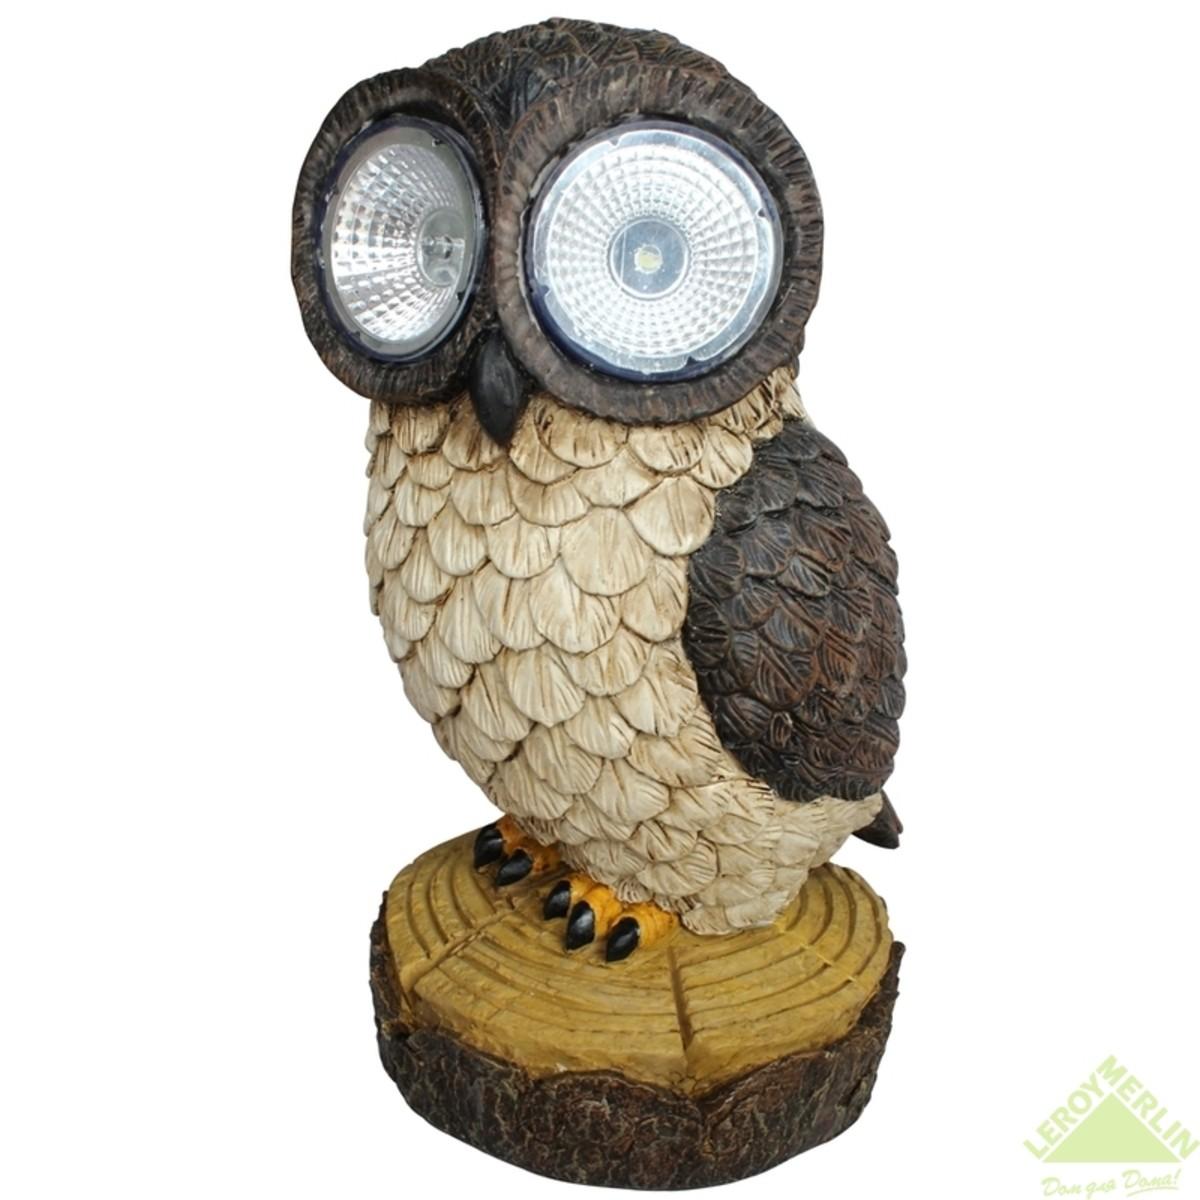 Светильник на солнечных батареях Inspire светодиодный Owl-2 26 см каучук